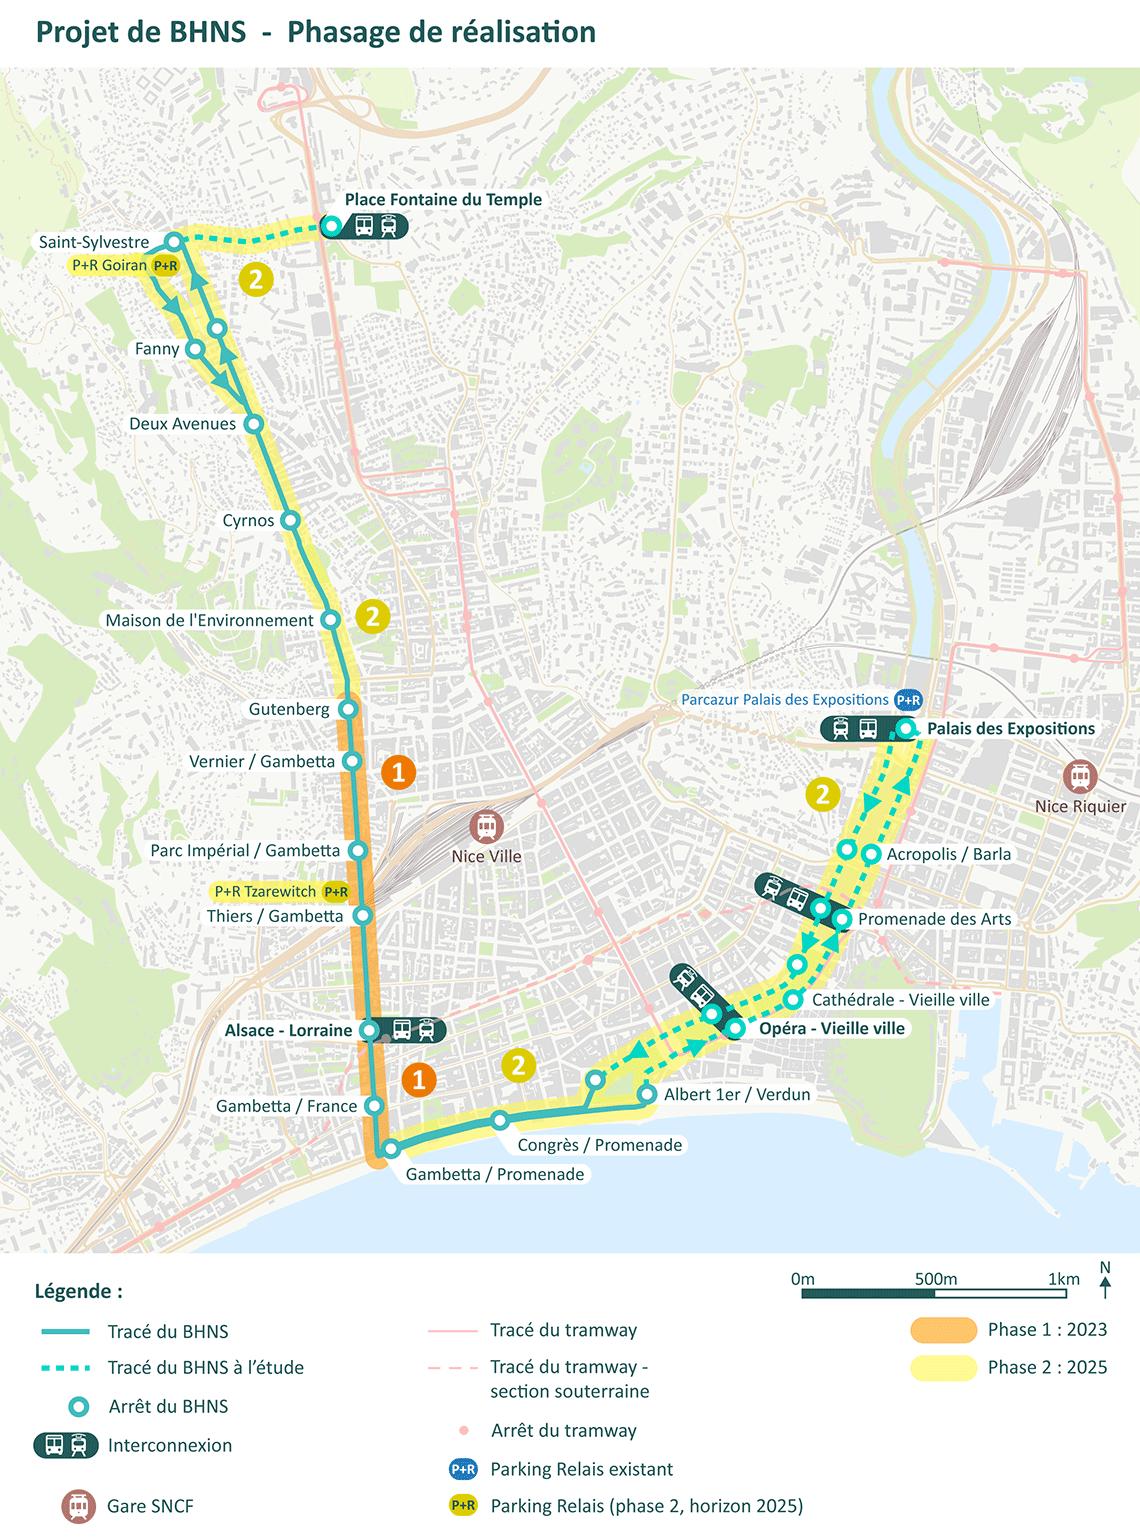 Tracé du BHNS. Départ de Saint-Sylvestre, descente de Cessole et Gambetta jusqu'à la promenade, puis remontée du Paillon jusqu'au palais des expositions